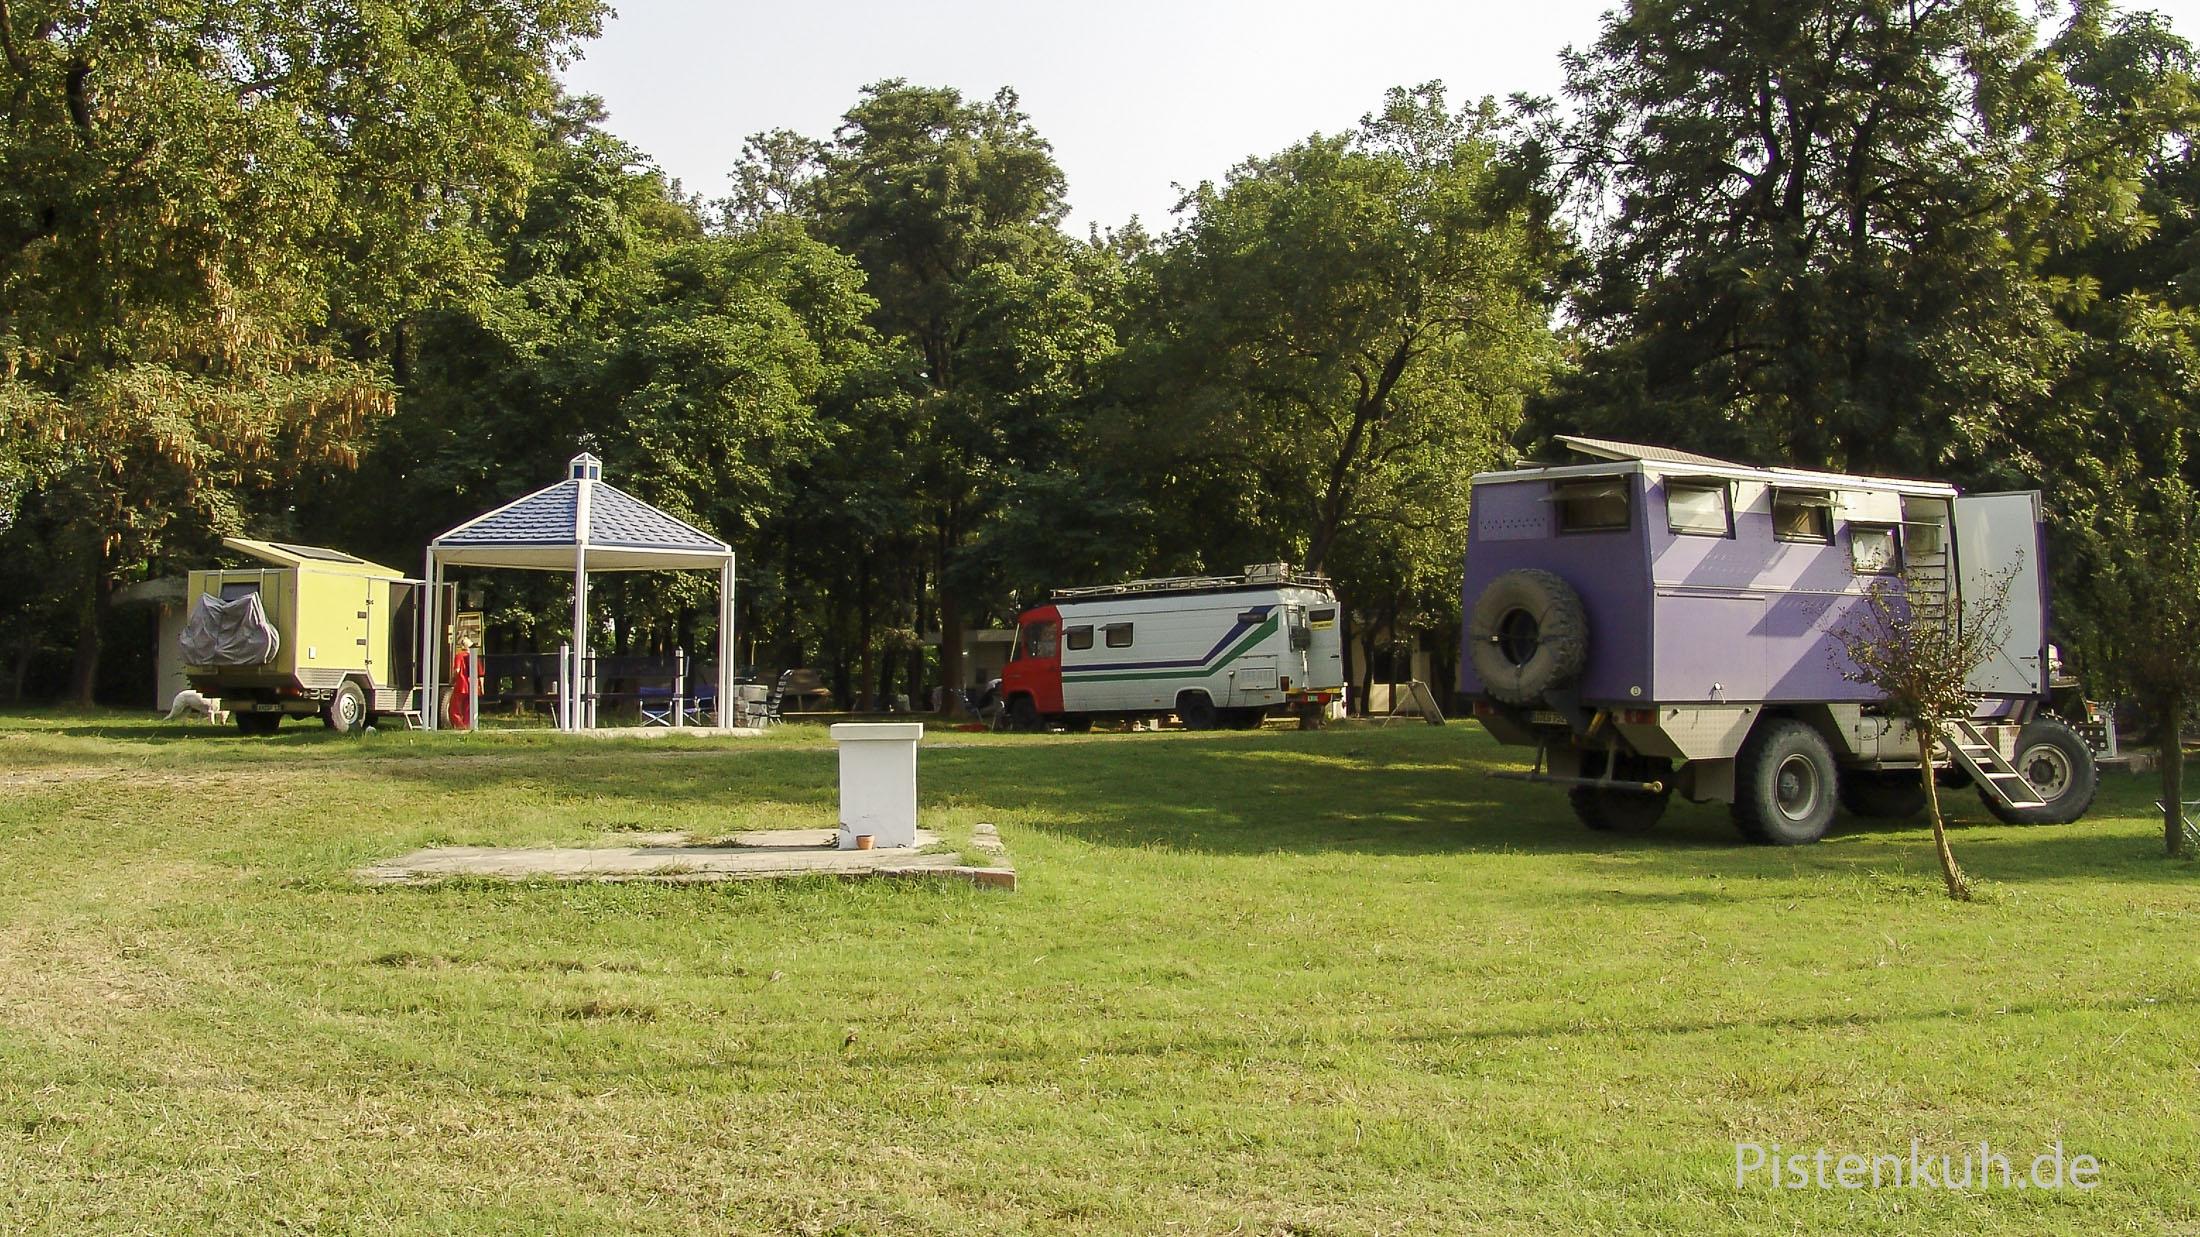 Foreigner-Tourist-Camp